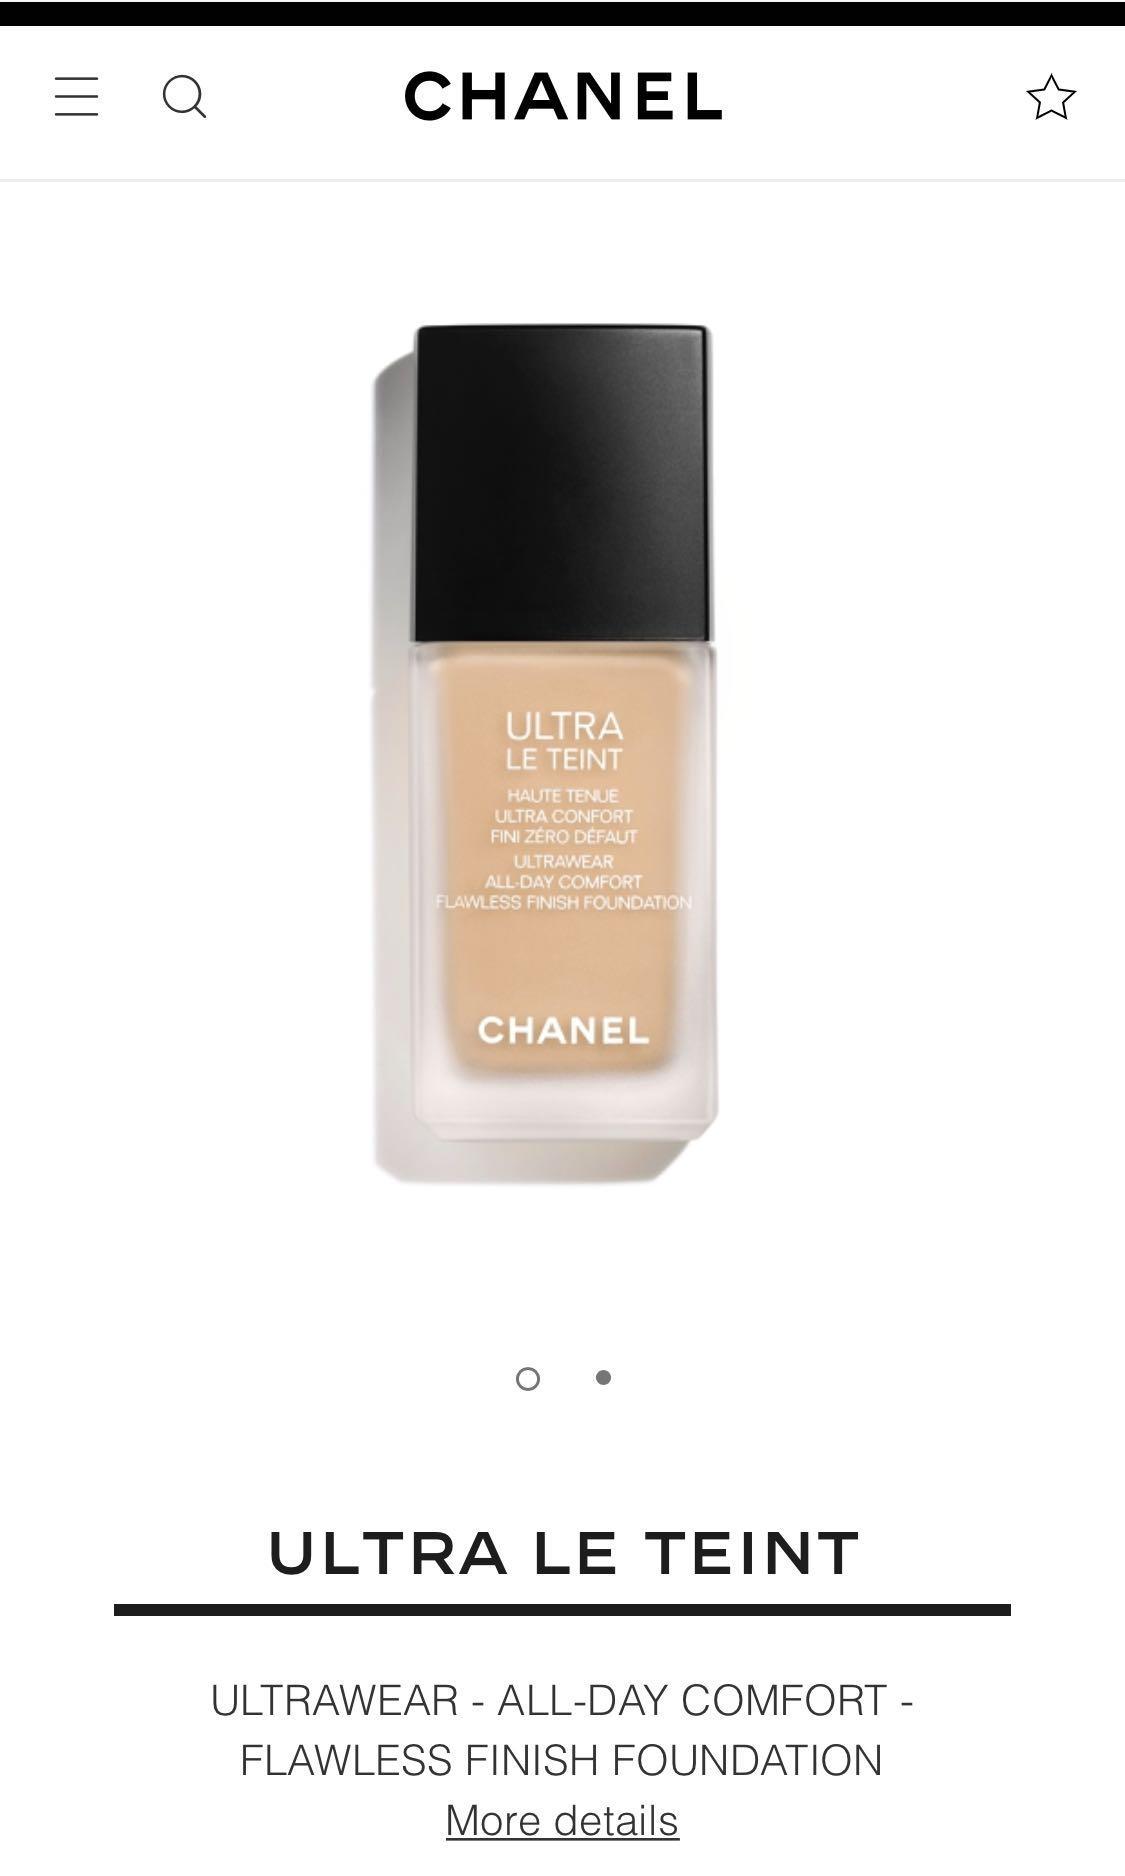 Chanel ultra Le teint foundation b30 ultrawear flawless finish